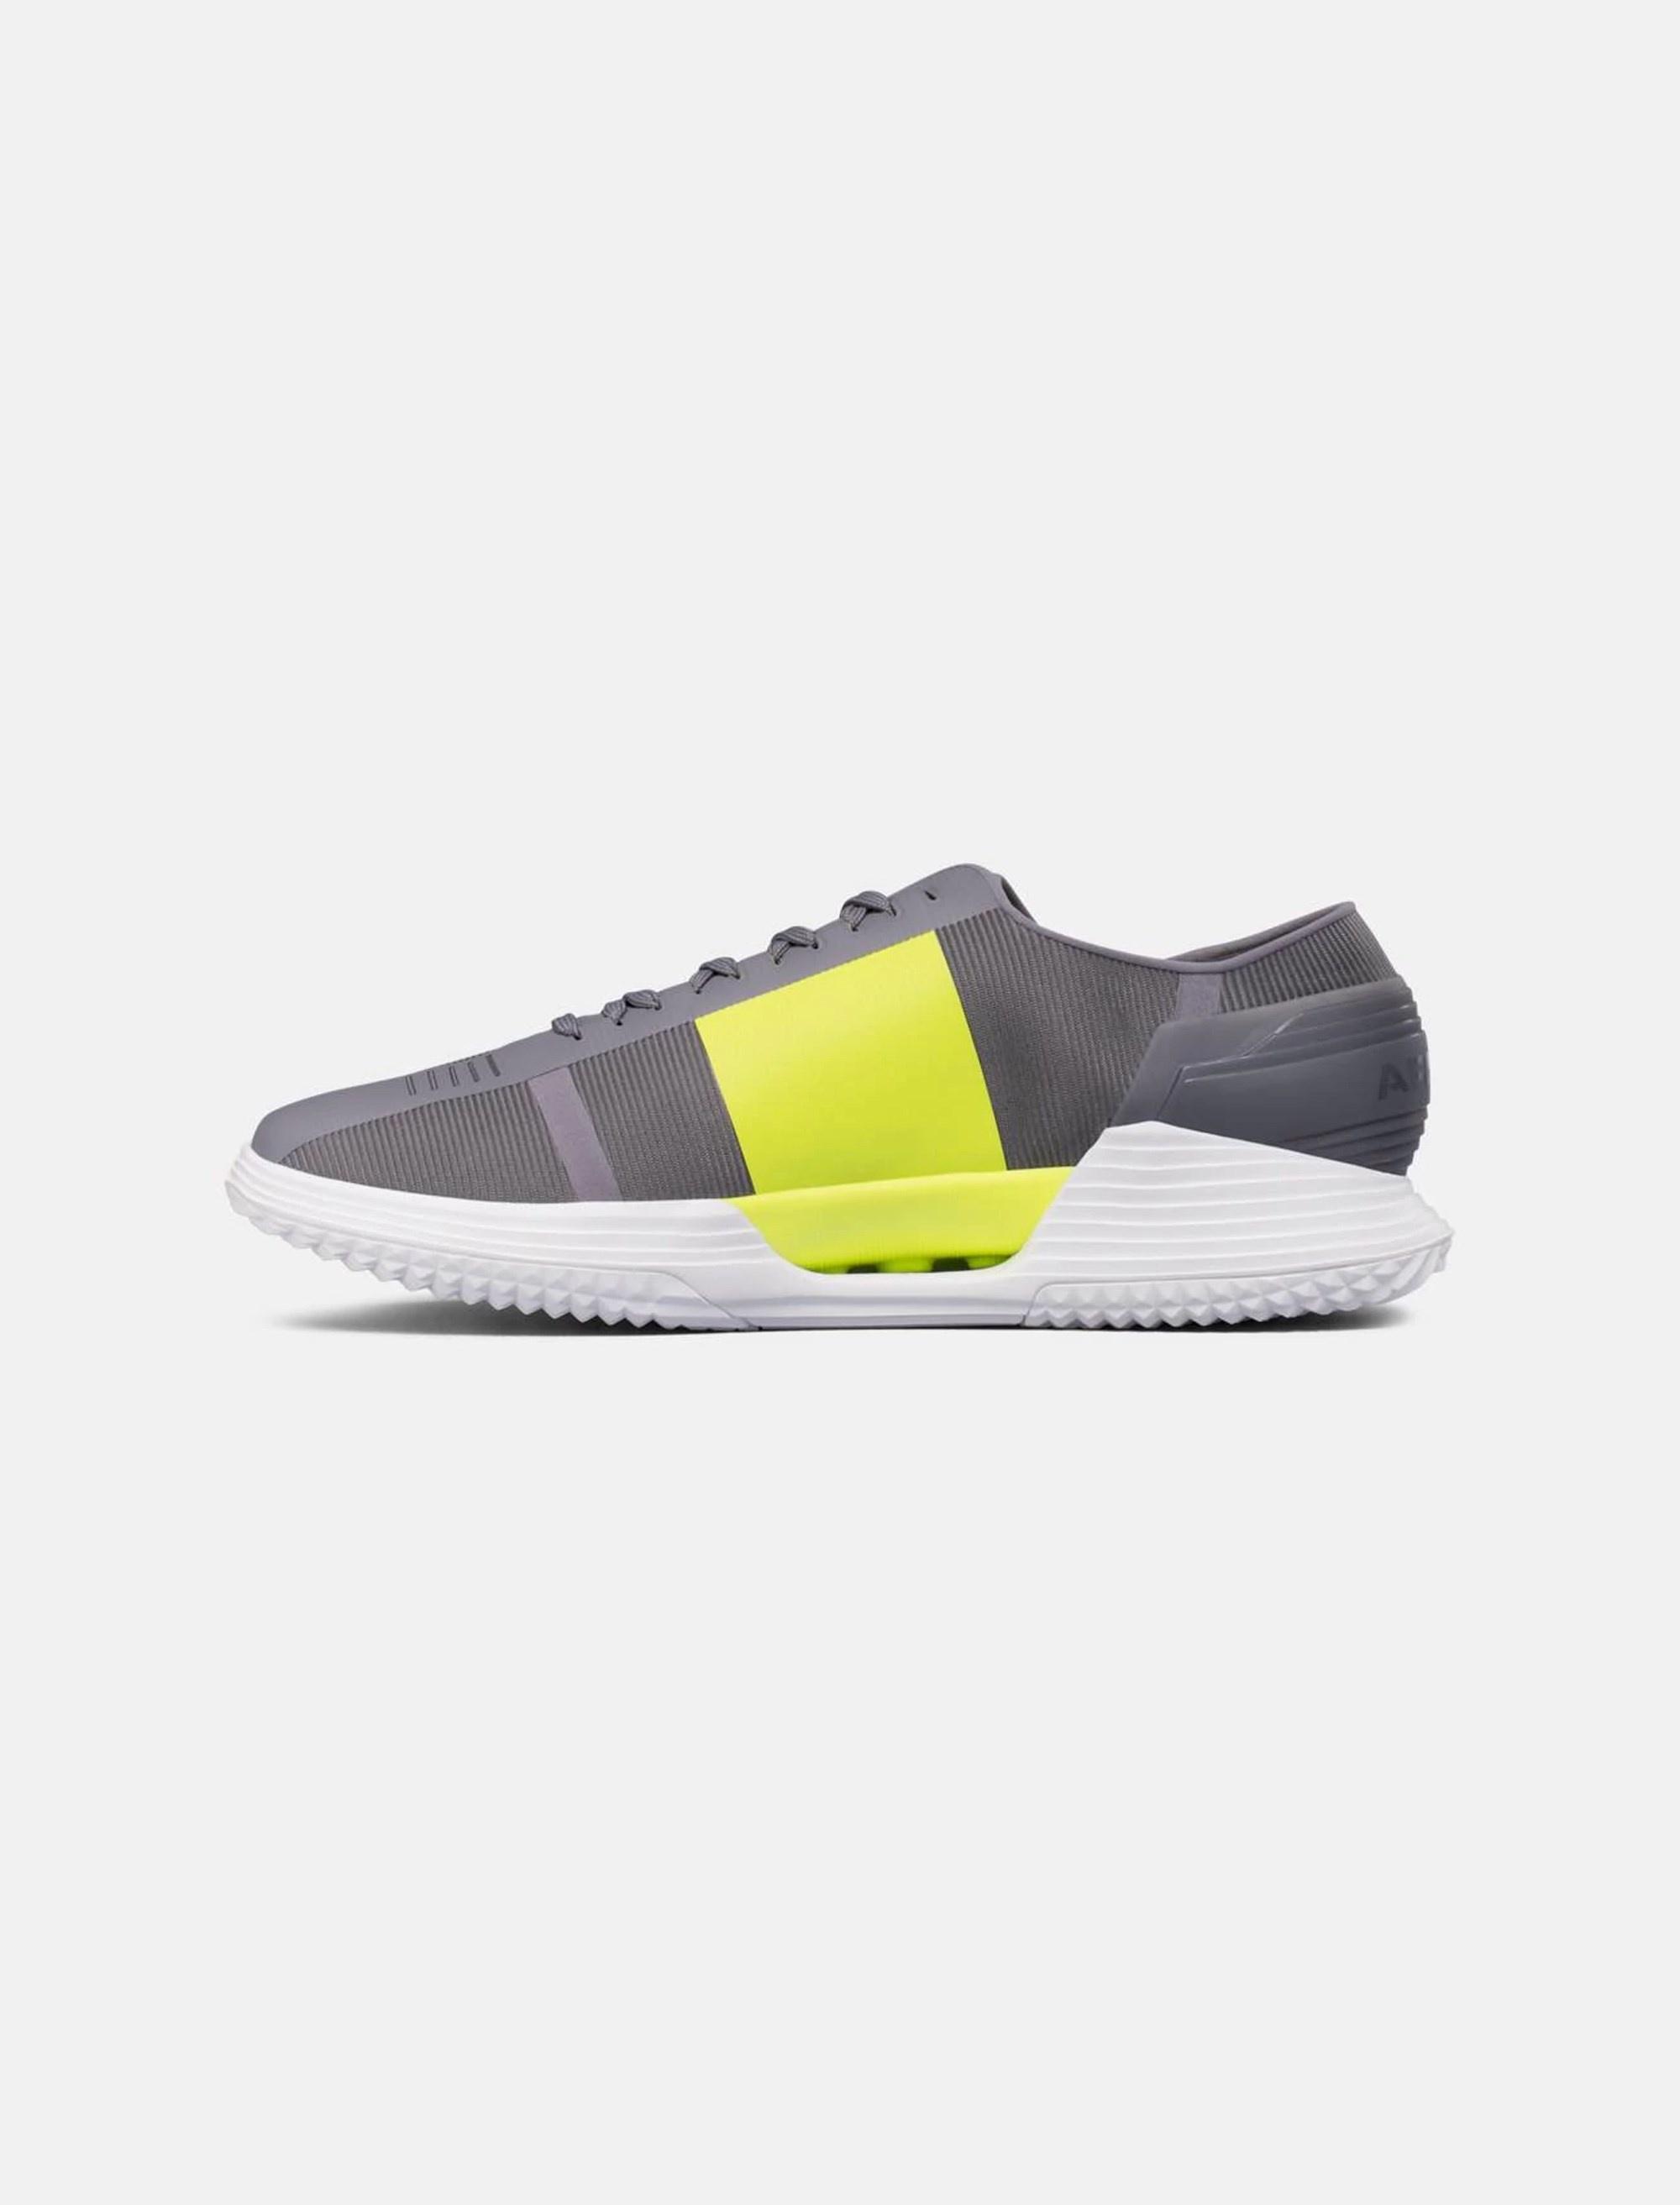 کفش تمرین بندی مردانه SpeedForm AMP 2 - آندر آرمور - طوسي - 2